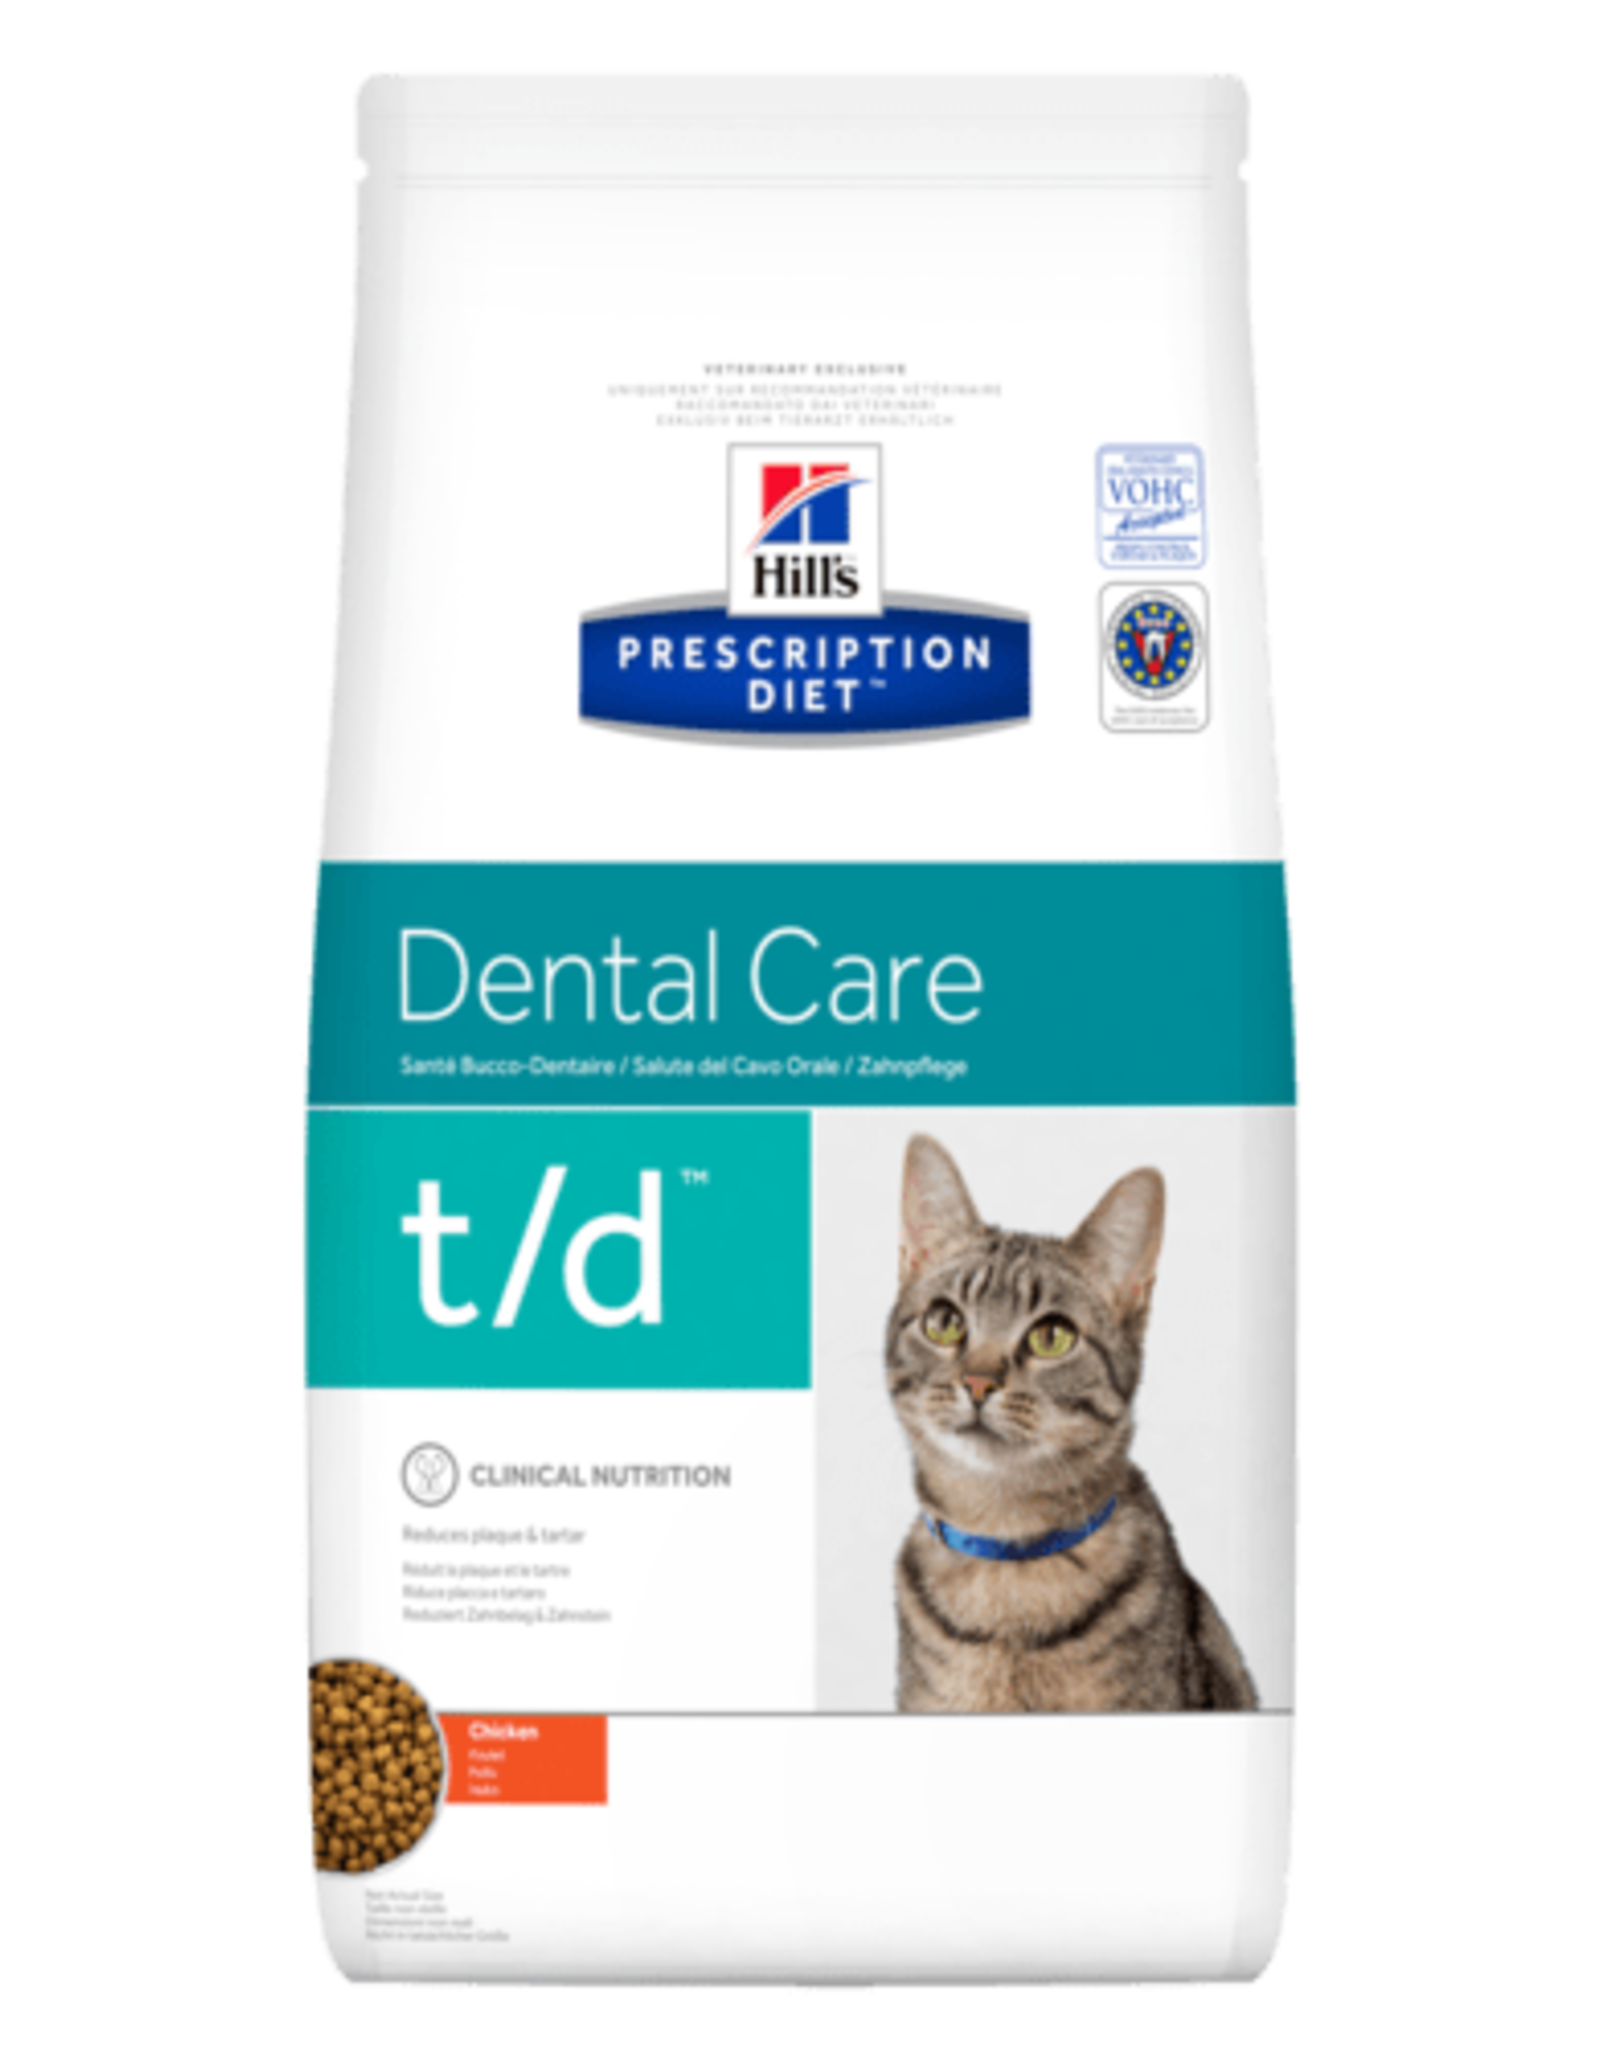 Hill's Hill's Prescription Diet T/d Kat 5 Kg